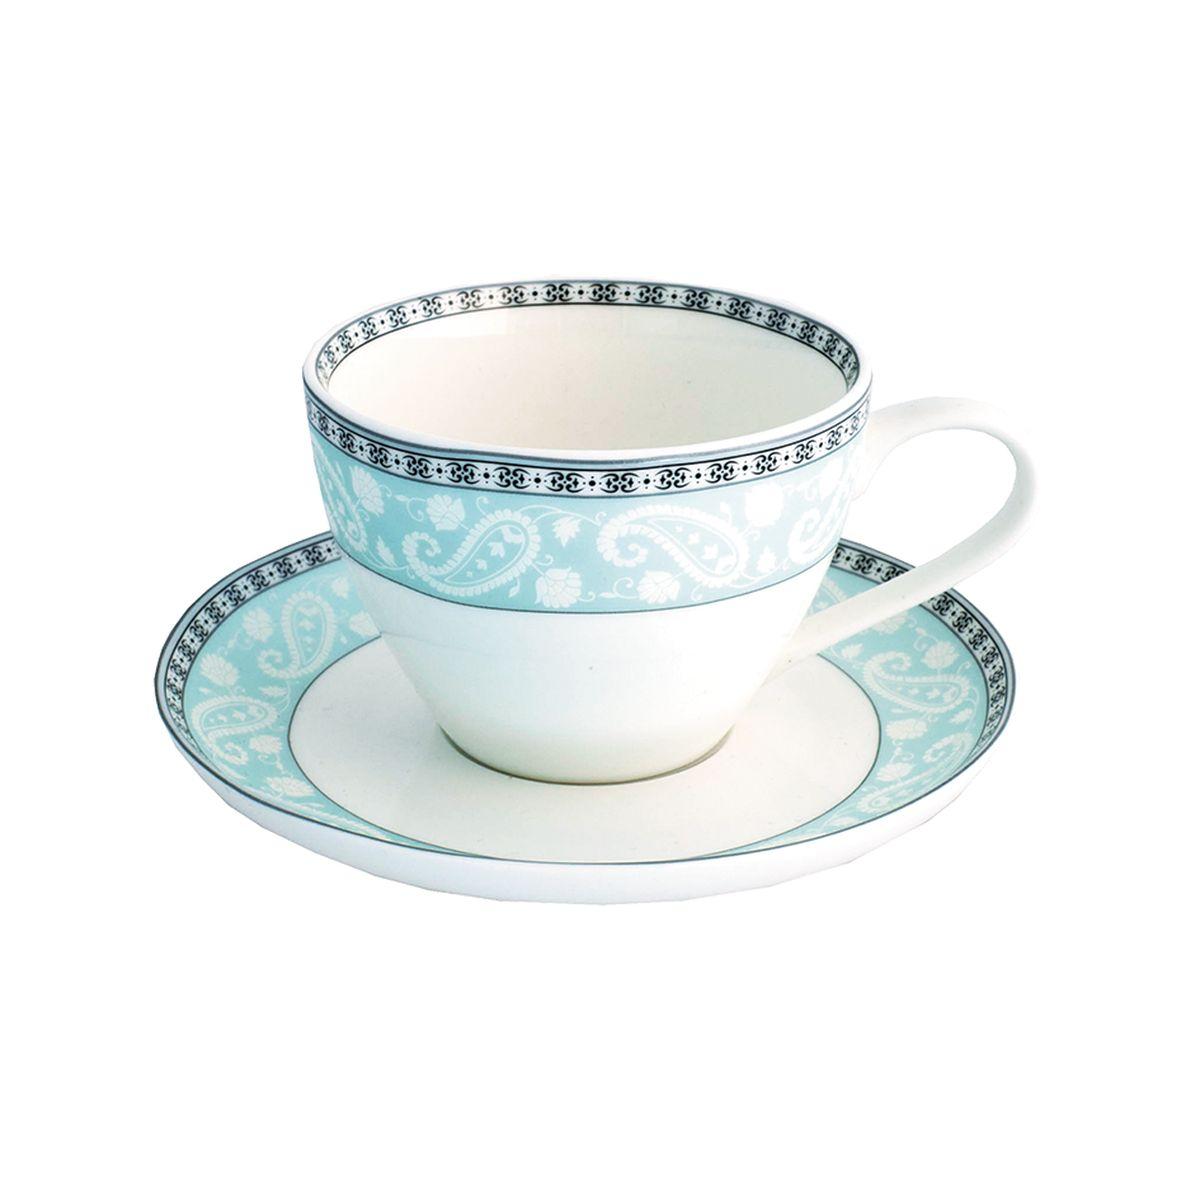 Набор чайный Esprado Arista Blue, 12 предметовARB031BE304Чайный набор Esprado Arista Blue состоит из шести чашек и шести блюдец, изготовленных из высококачественного твердого фарфора. Над созданием дизайна коллекций посуды из фарфора Esprado работает международная команда высококлассных дизайнеров, не только воплощающих в жизнь все новейшие тренды, но также и придерживающихся многовековых традиций при создании классических коллекций. Посуда из костяного фарфора будет идеальным выбором, для тех, кто предпочитает красивую современную посуду из высококачественного материала, которая отличается высокой прочностью и подходит для ежедневного использования. Столовая посуда Arista Blue выполнена в благородном голубом оттенке и позволит создать за столом изысканную атмосферу без лишней вычурности.Можно использовать в микроволновки печи и мыть в посудомоечной машине.